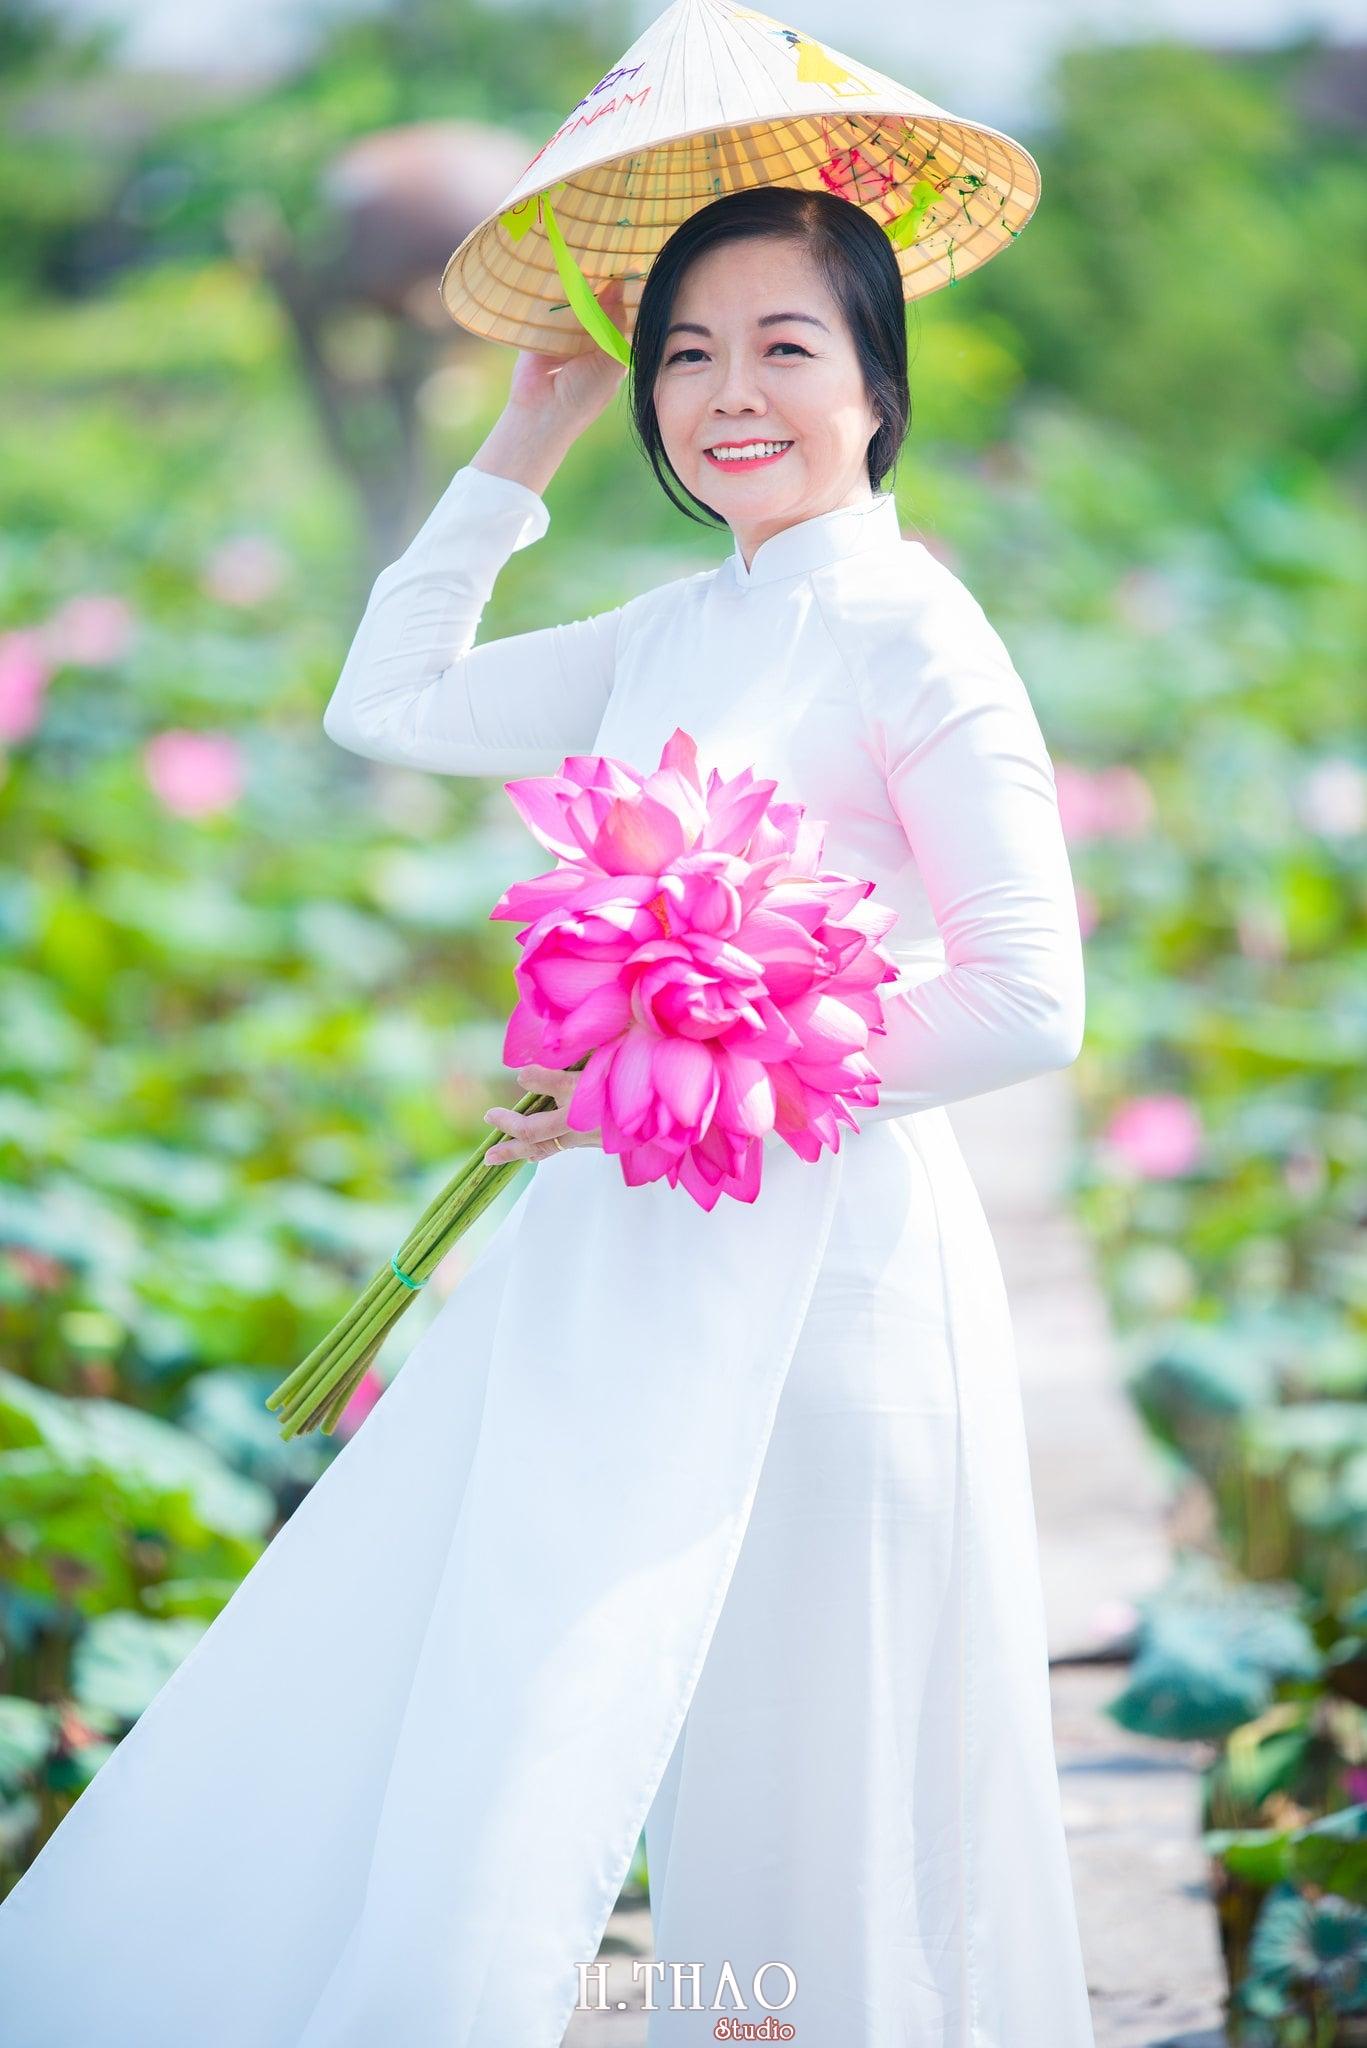 nh áo dài hoa sen 20 - 49 cách tạo dáng chụp ảnh với áo dài tuyệt đẹp - HThao Studio